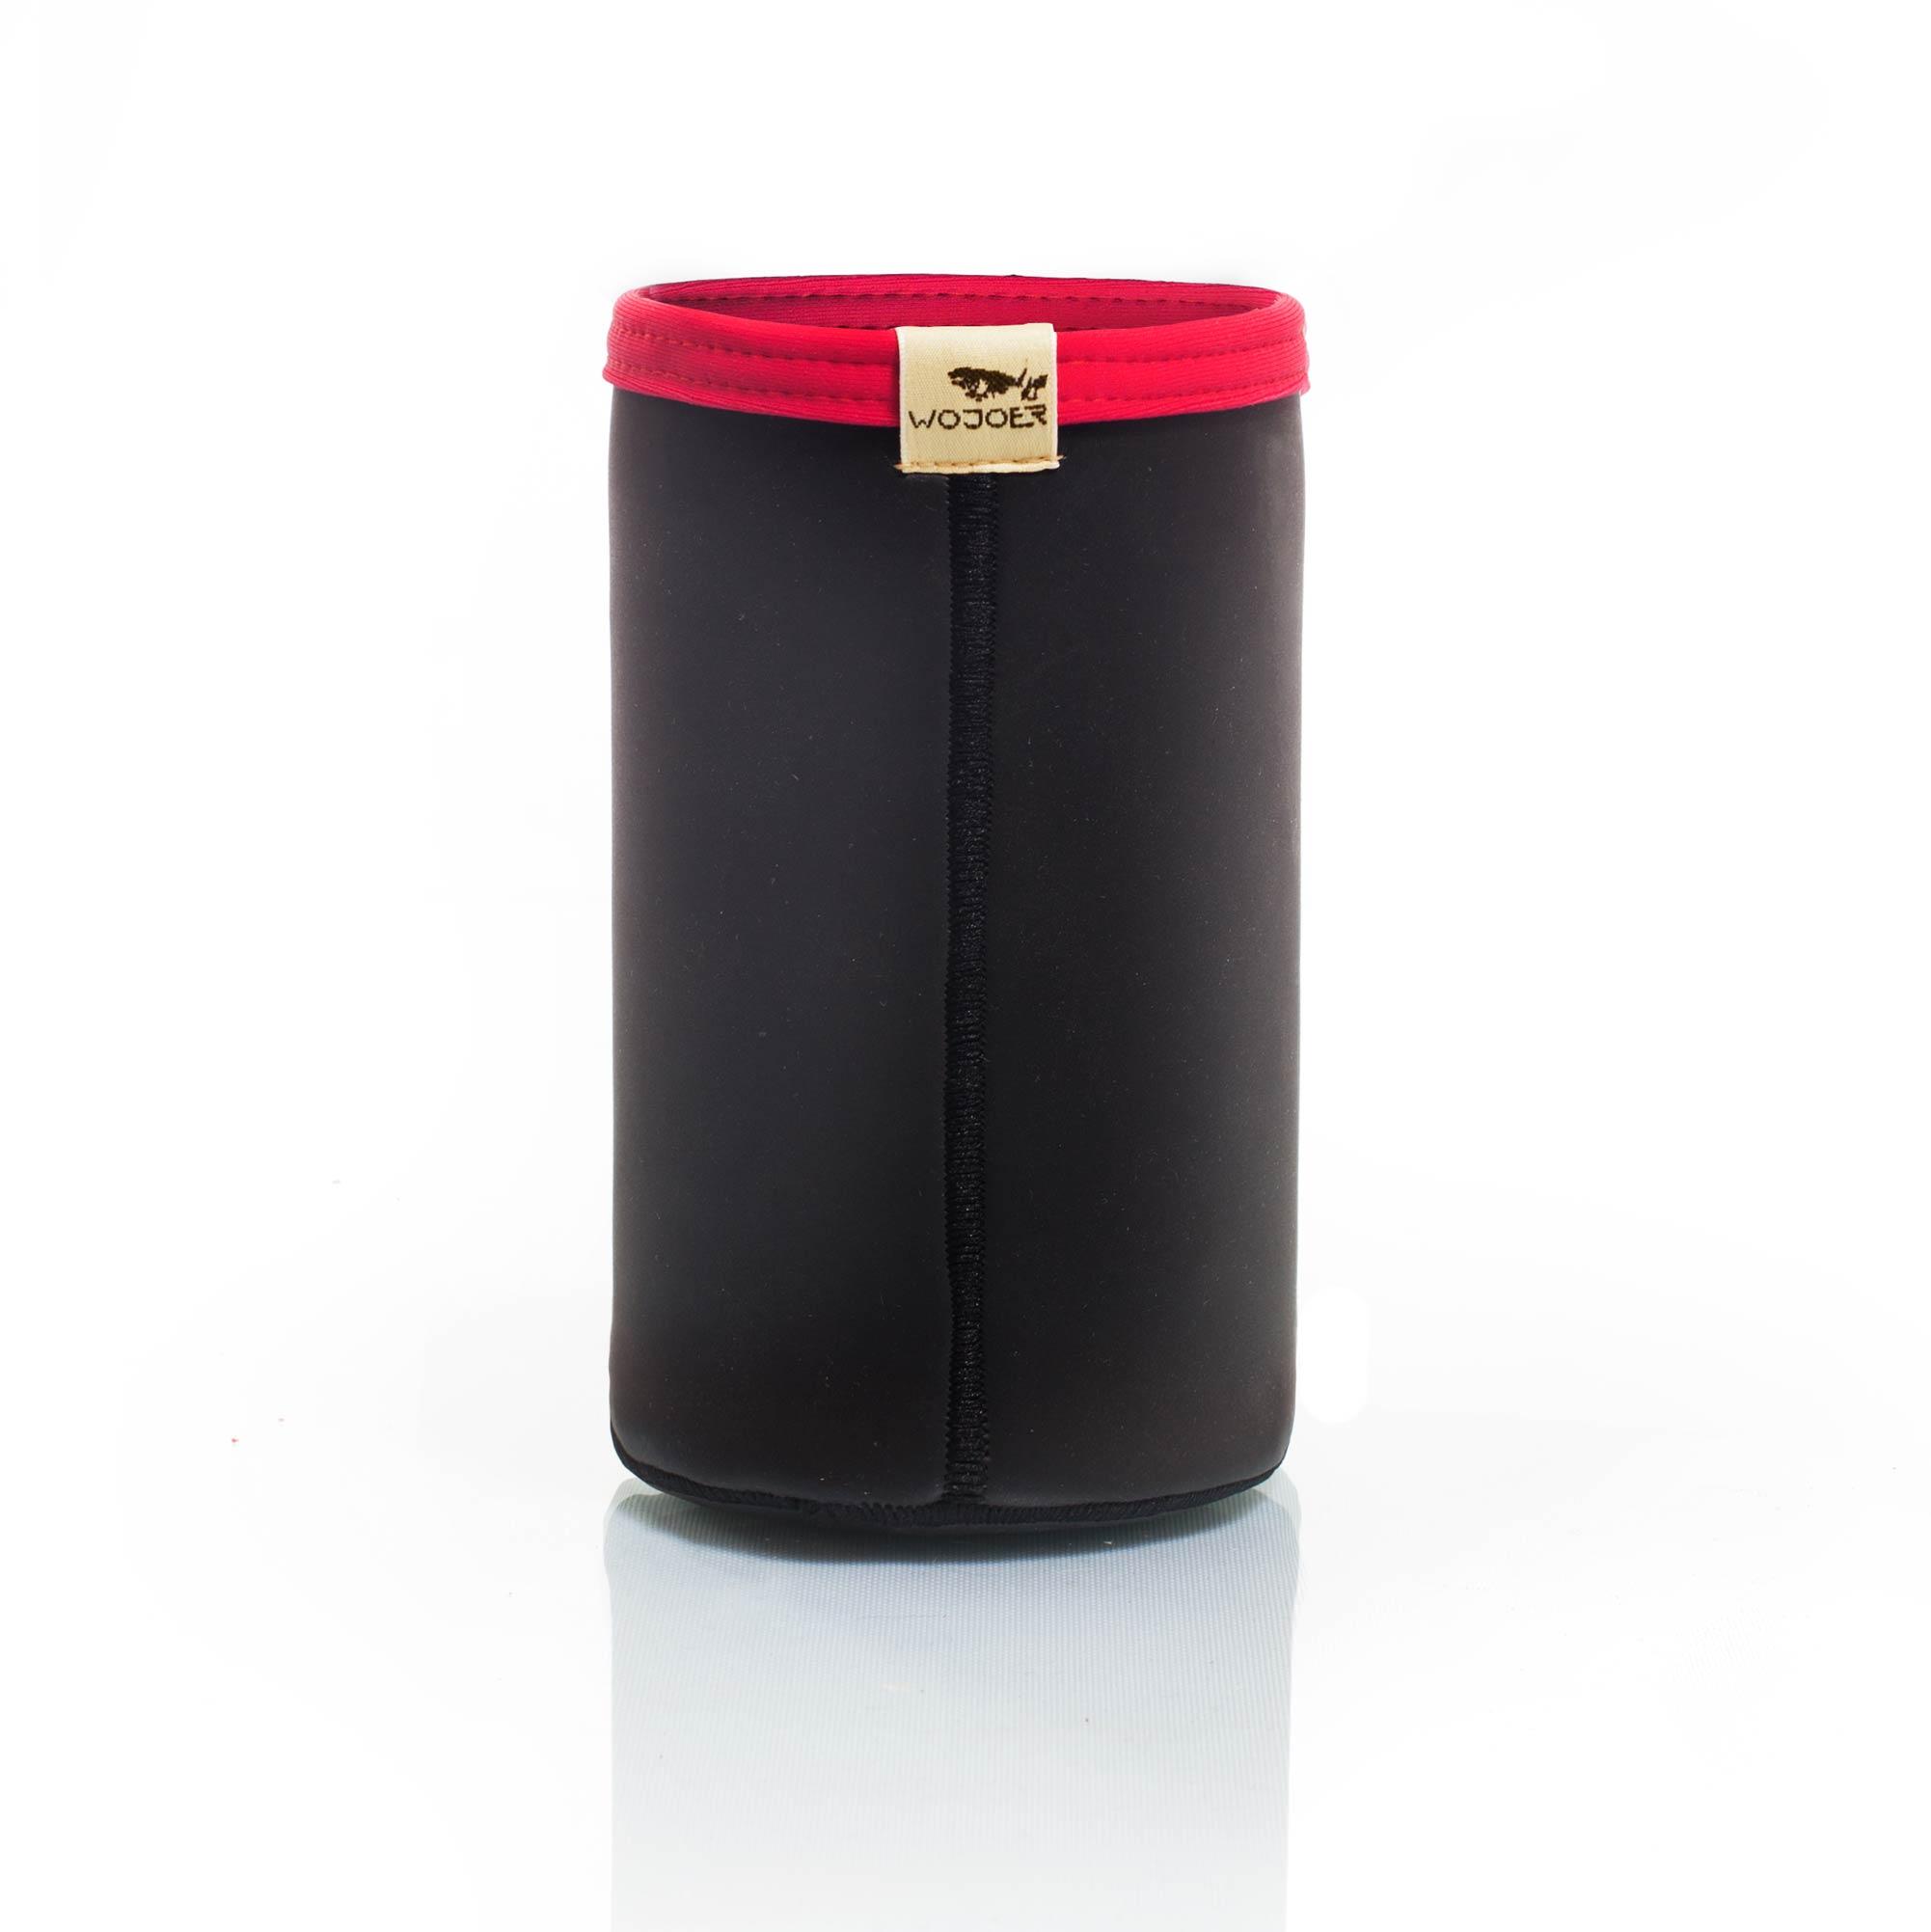 Flaschenkühler, Sektkühler, Weinkühler Champagner Kühler, Neopren, rot